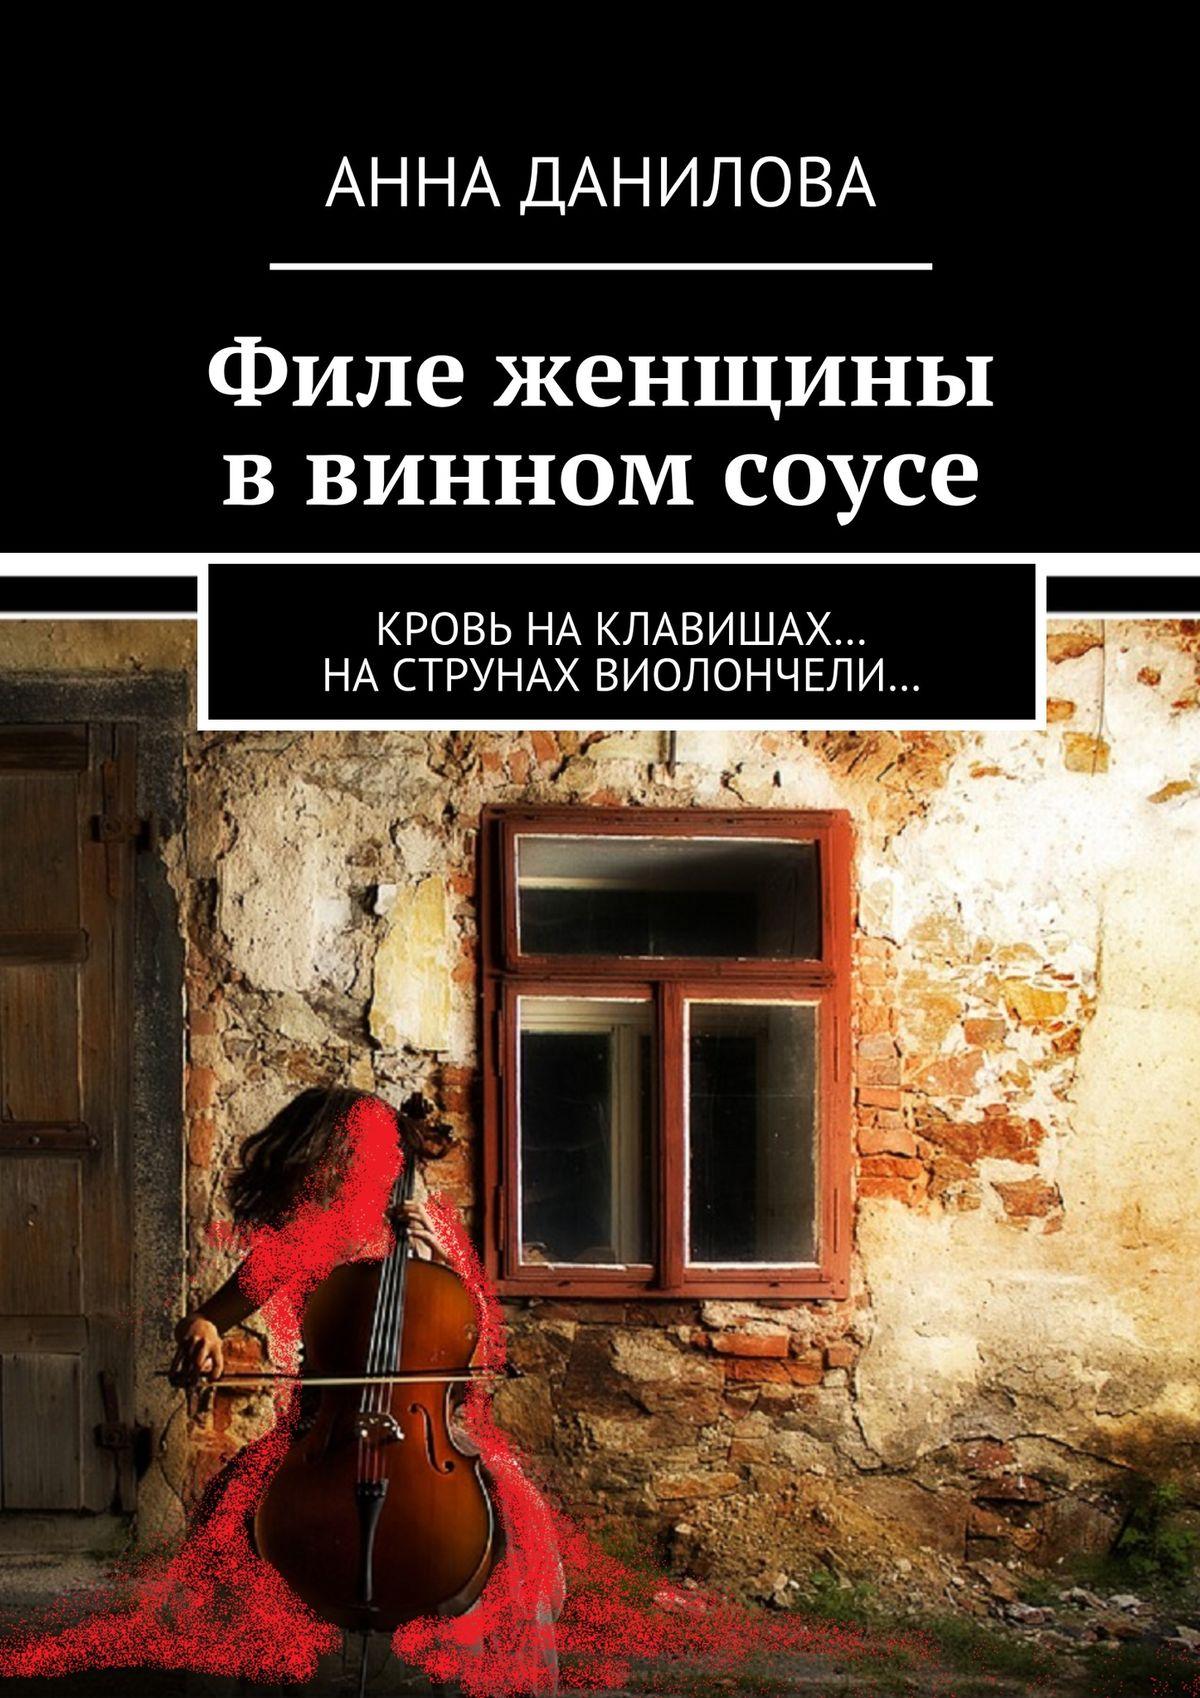 купить Анна Данилова Филе женщины в винном соусе. Кровь наклавишах… наструнах виолончели… онлайн